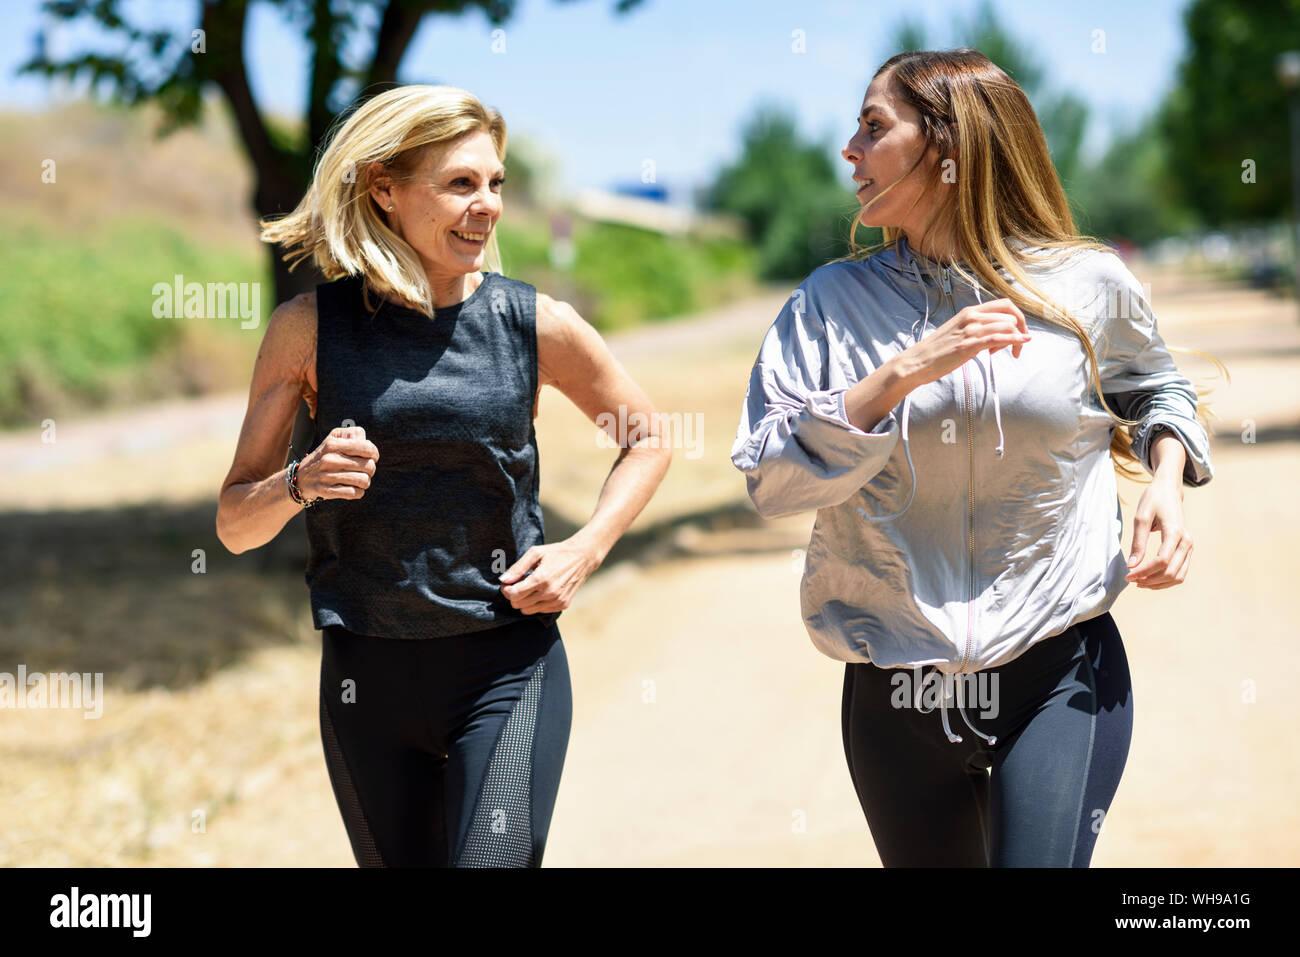 Young woman running avec sa fille dans un parc Banque D'Images